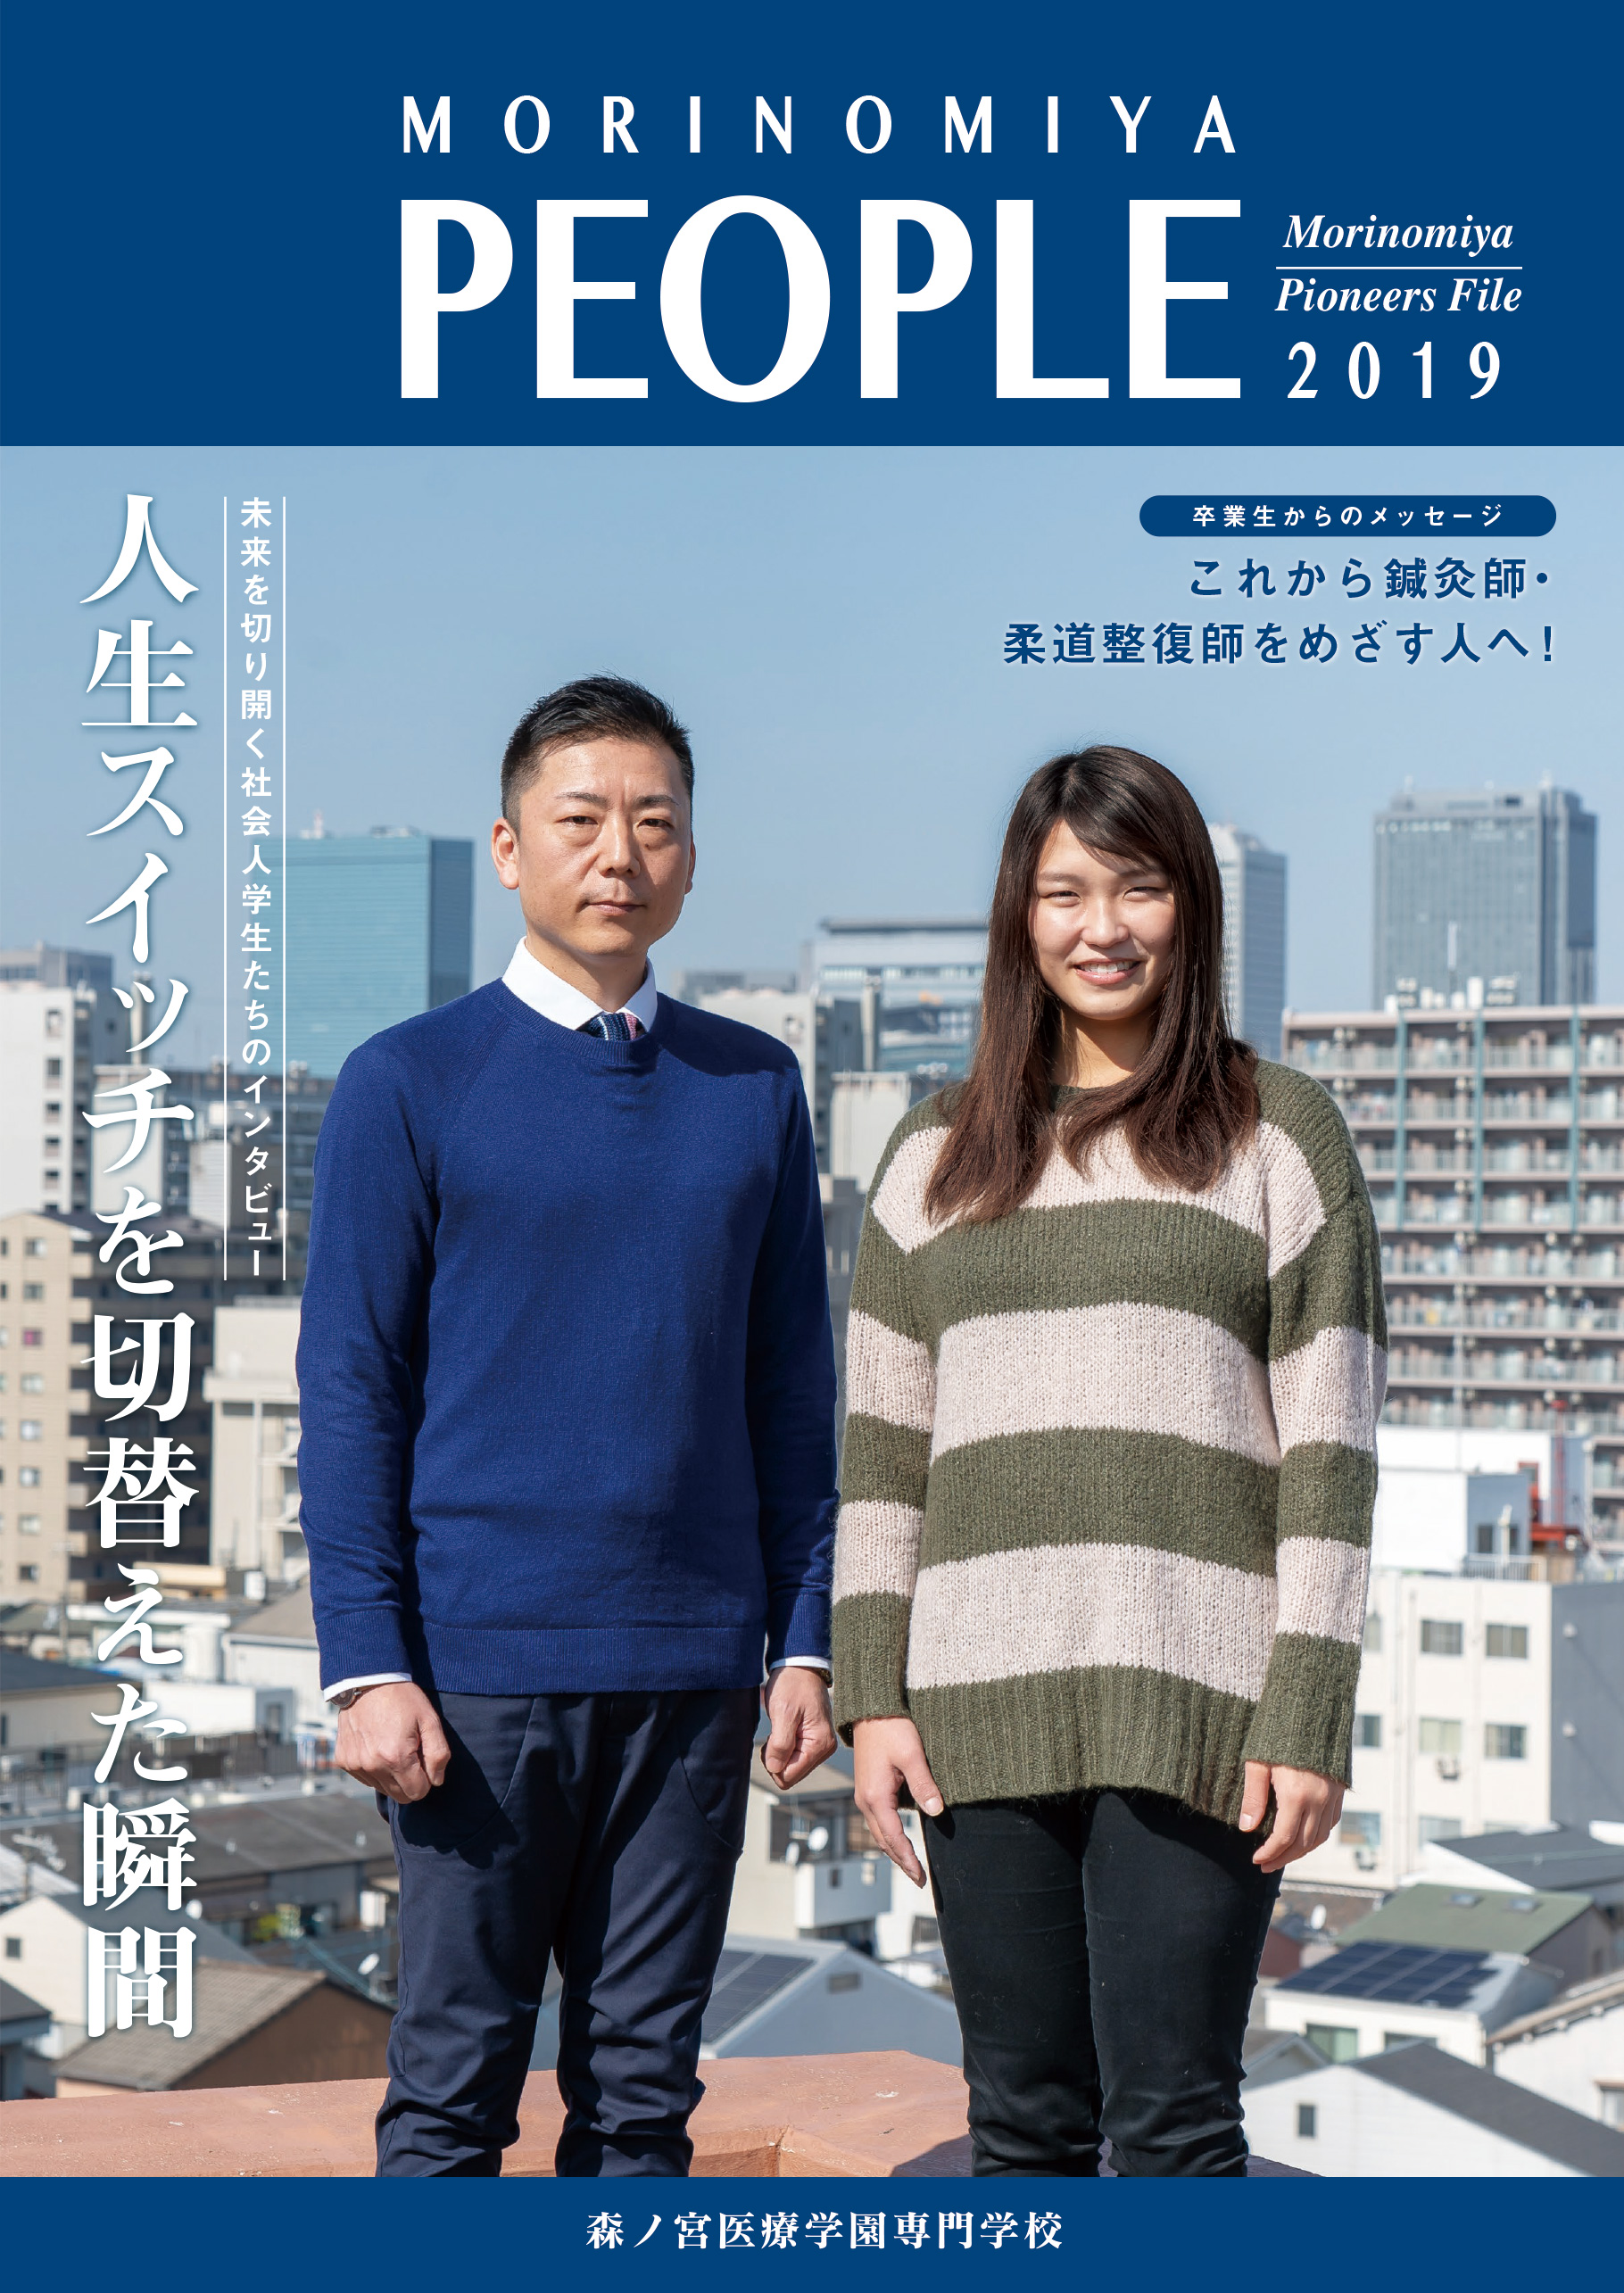 森ノ宮医療学園専門学校(大阪市東成区・MORINOMIYA PEOPLE 2019)